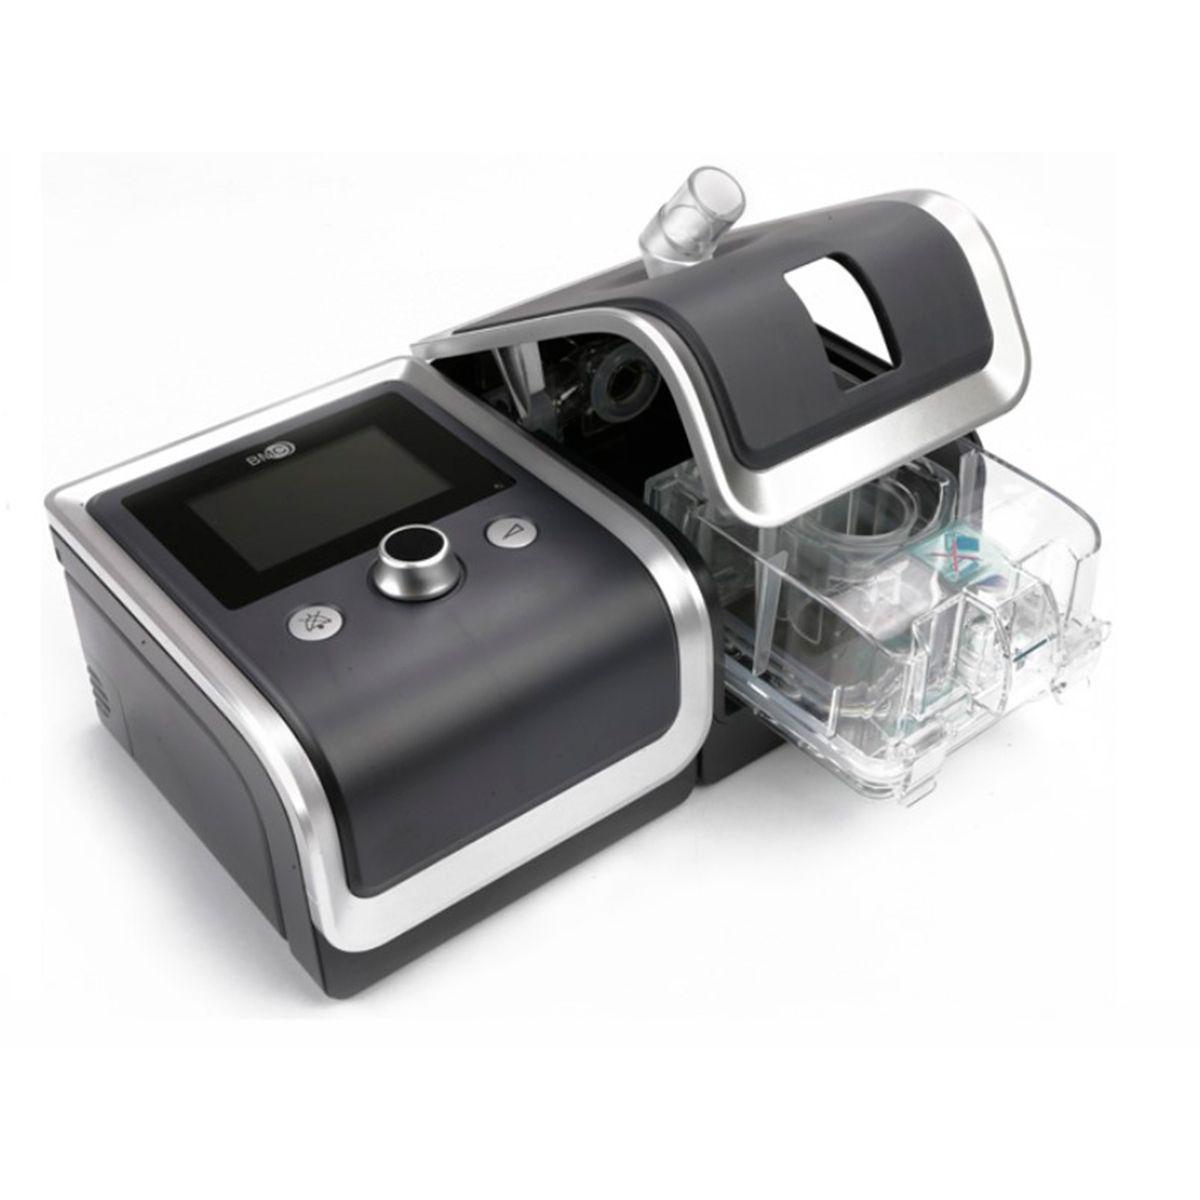 CPAP Automático RESmart G2 + Umidificador + Máscara Nasal TrueBlue